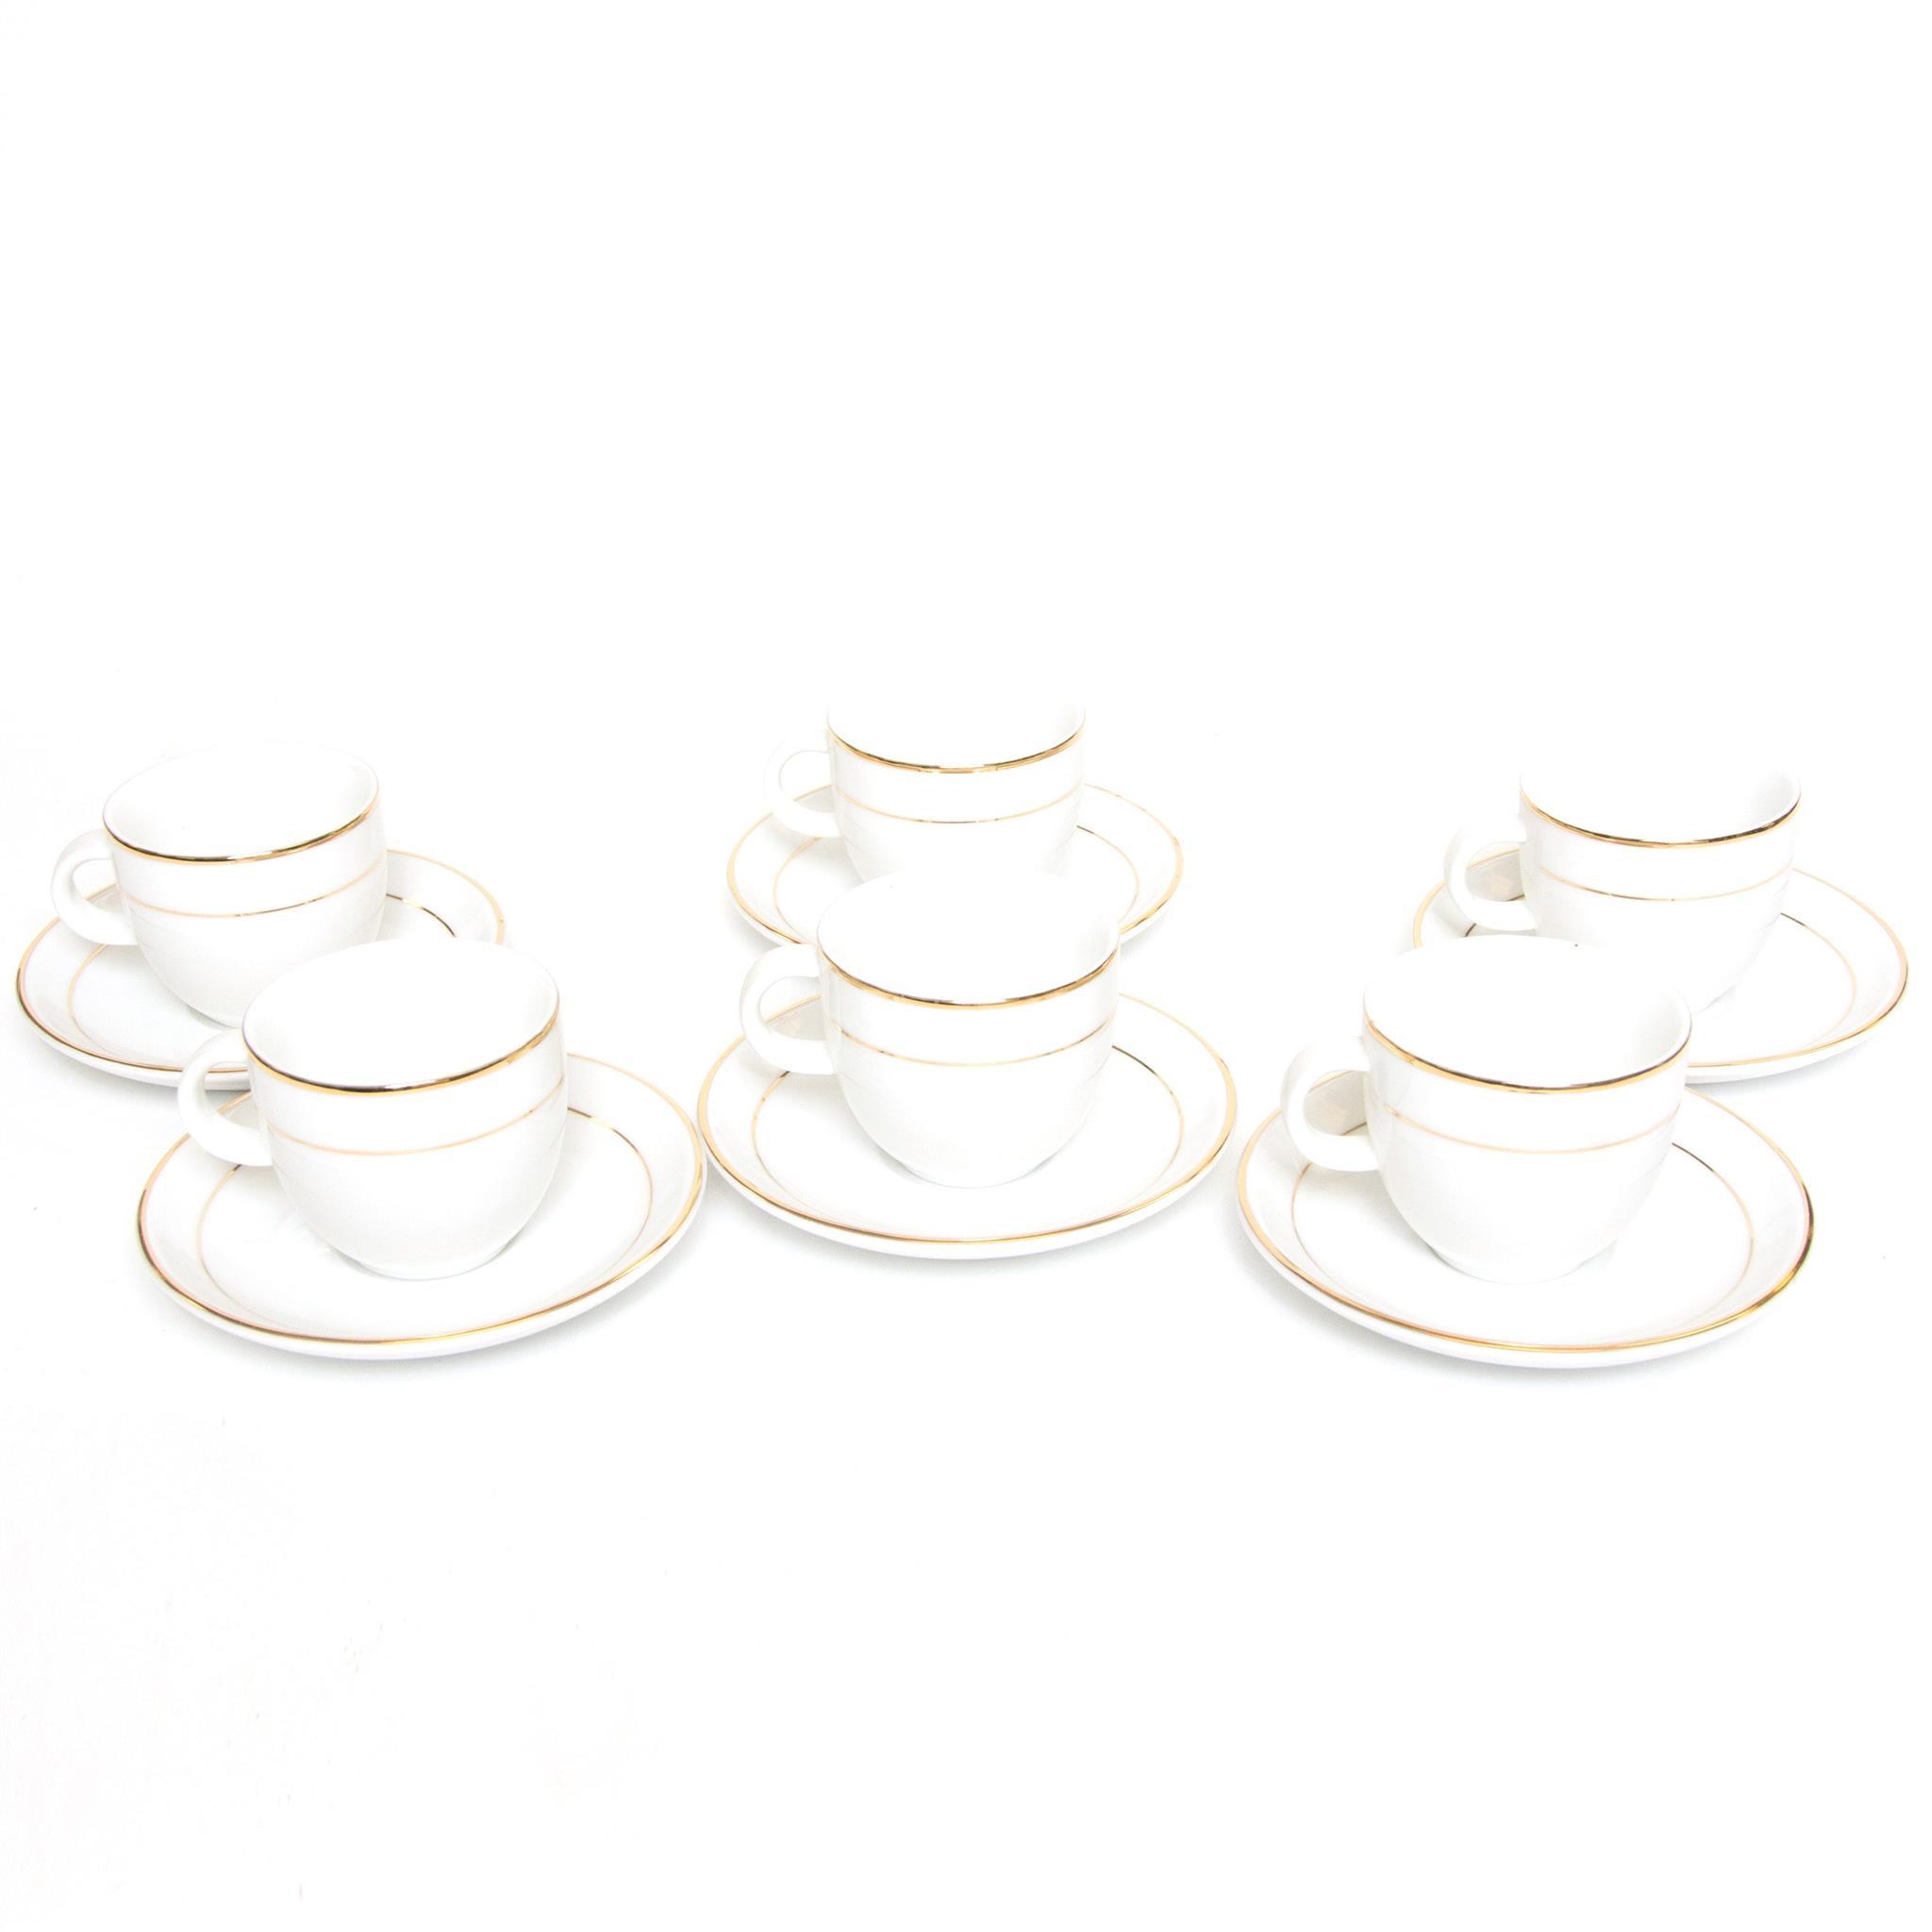 (12051) Gold Rim Espresso Cup/Saucer Set/6